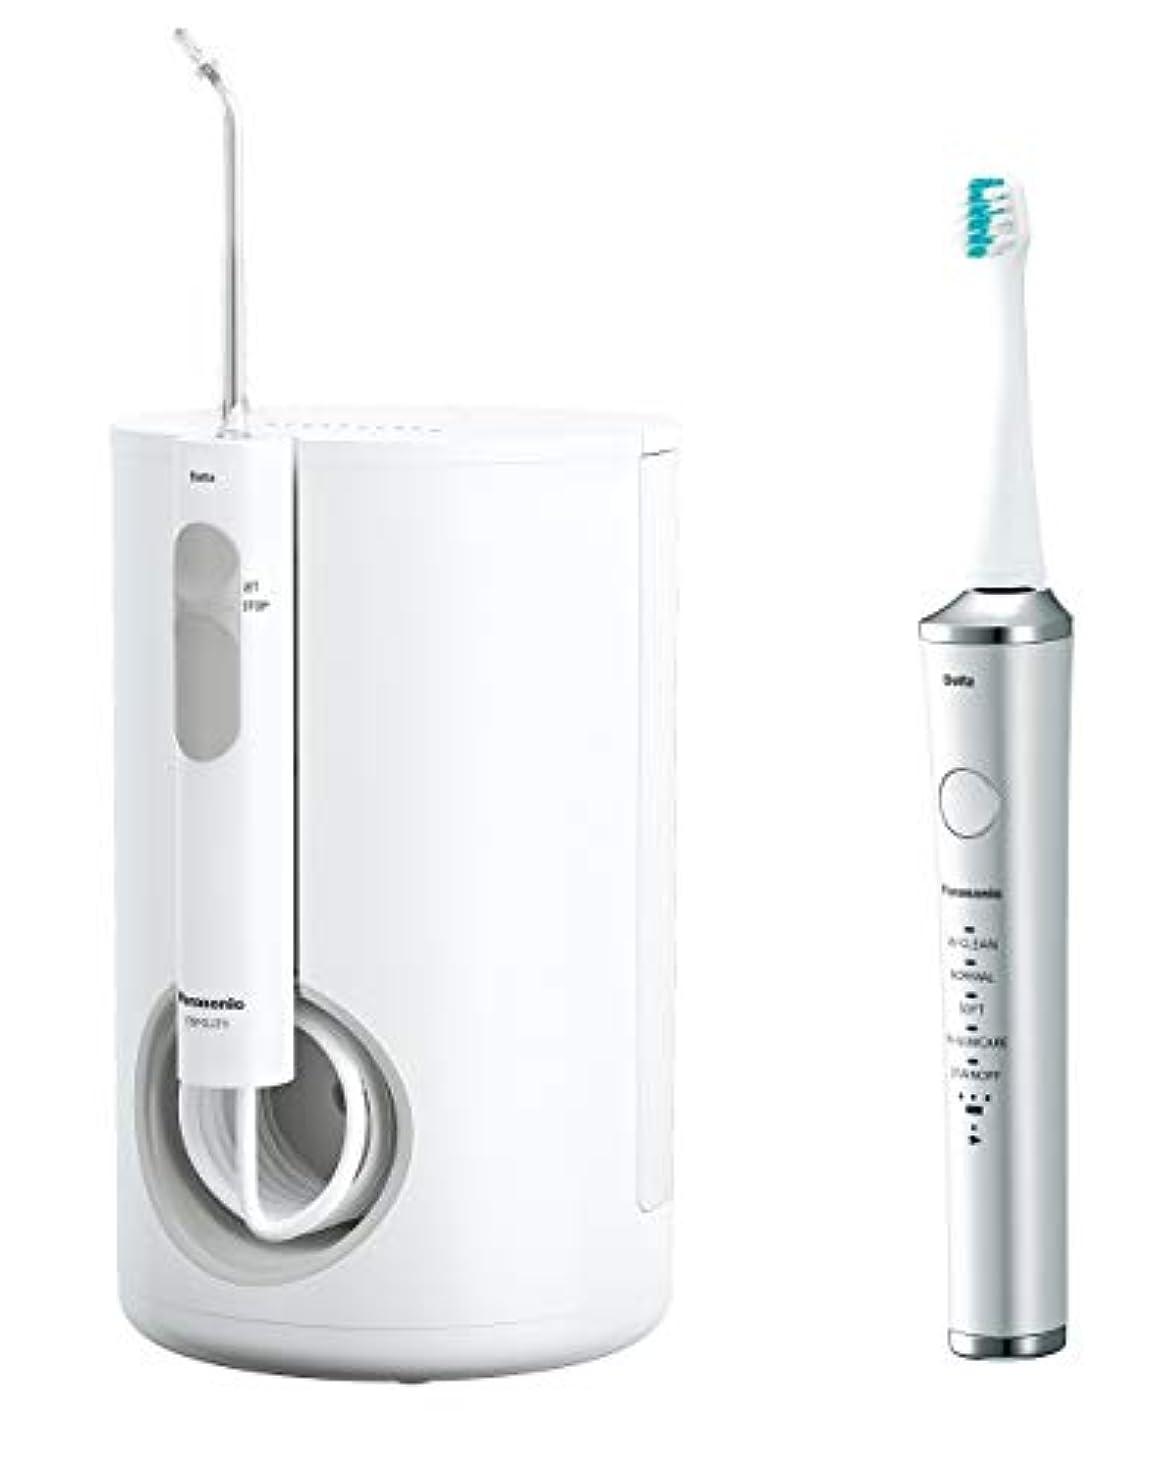 一般的に言えば起きているしわパナソニック 口腔洗浄器 ジェットウォッシャー ドルツ 白 EW-DJ71-W + 電動歯ブラシ ドルツ セット